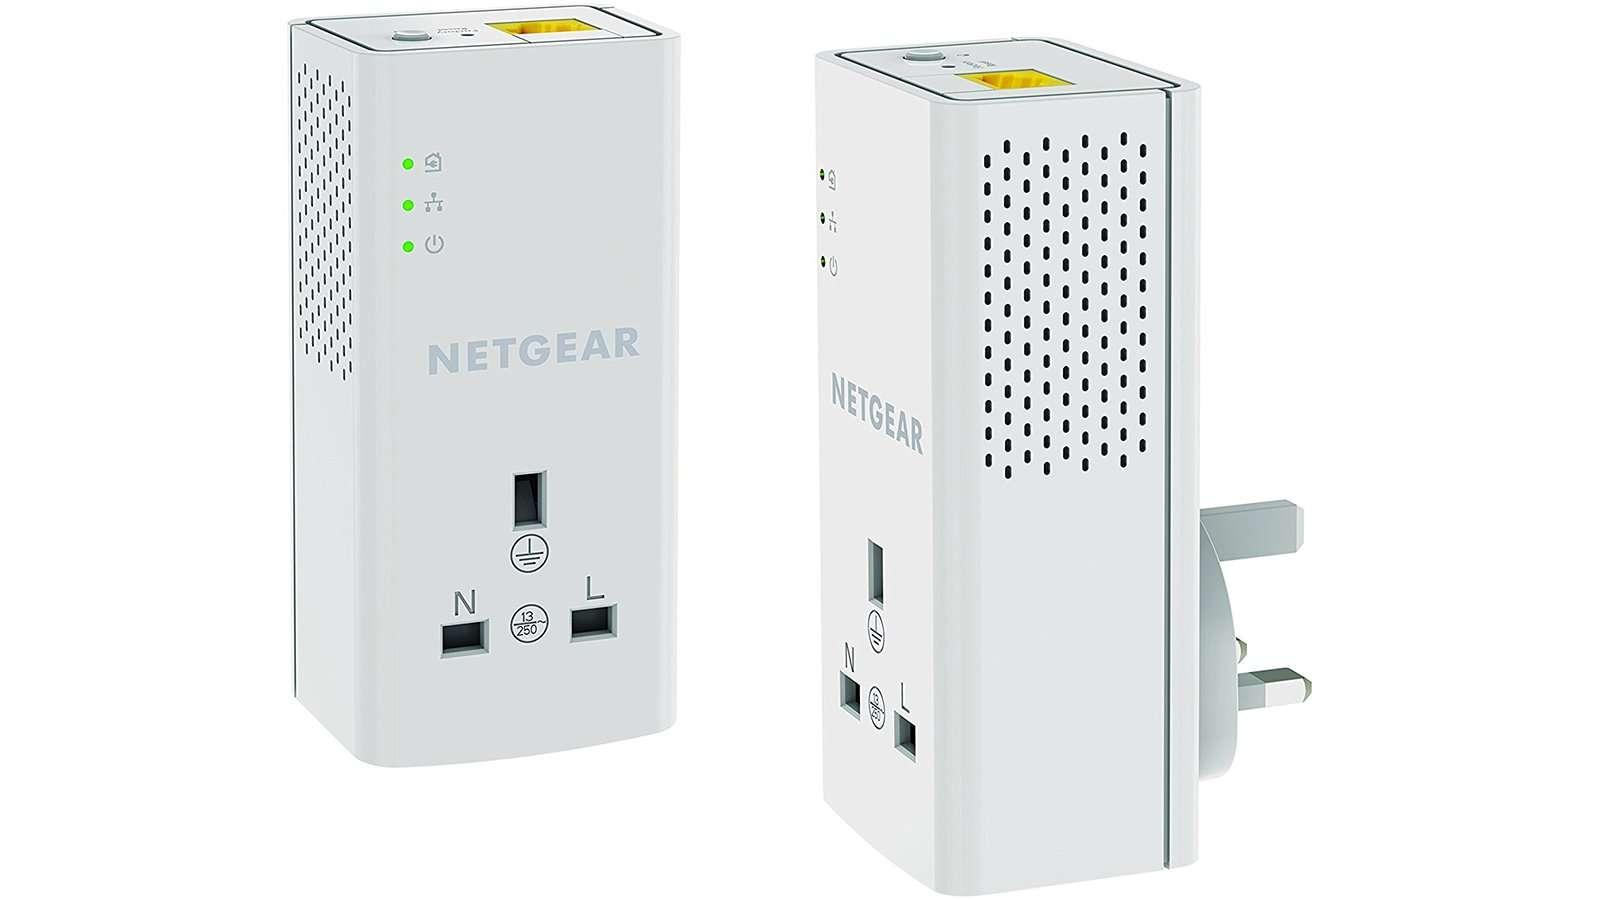 Best Powerline Adapter for gaming 6 - NETGEAR PLP1200-100UKS